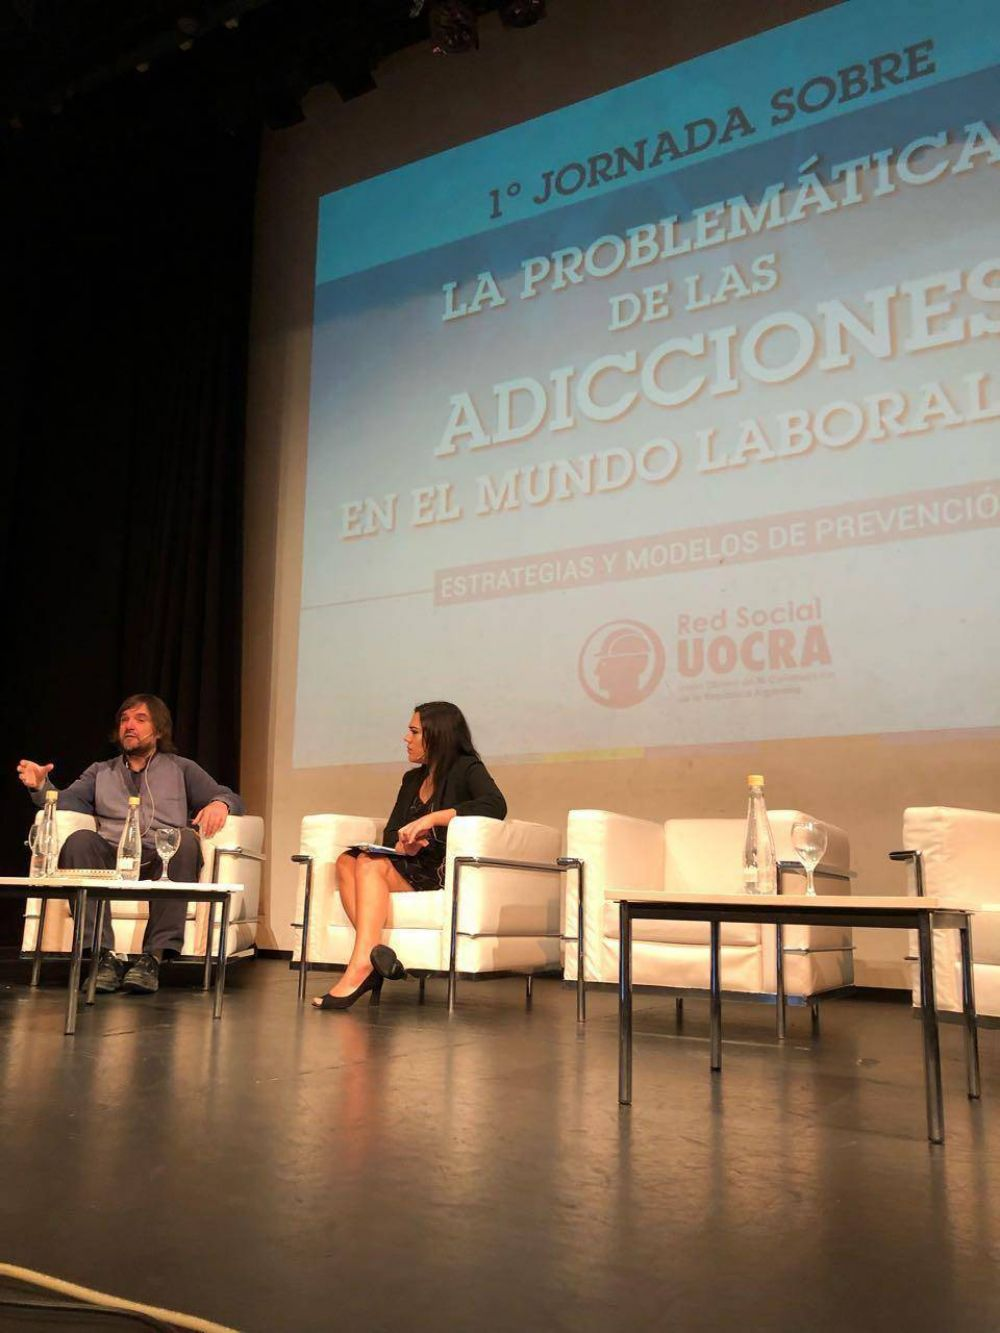 """Padre Pepe: """"la problemática de las adicciones afecta a la sociedad en general y el ámbito laboral no es la excepción"""